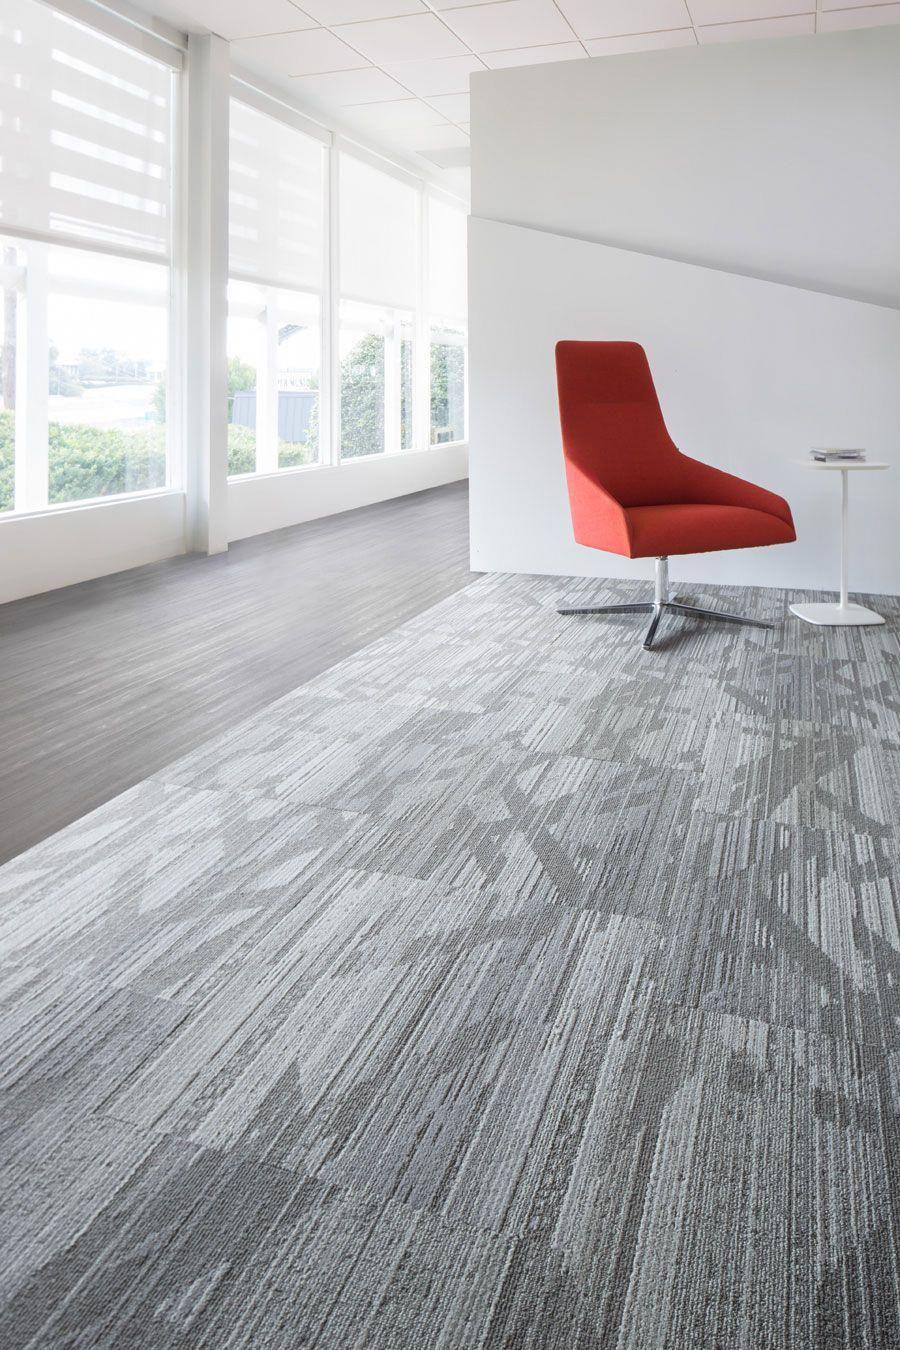 Carpet Runners Online Australia Kitchencarpetrunnersuk Refferal 7566961442 Floor Carpet Tiles Carpet Tiles Carpet Flooring